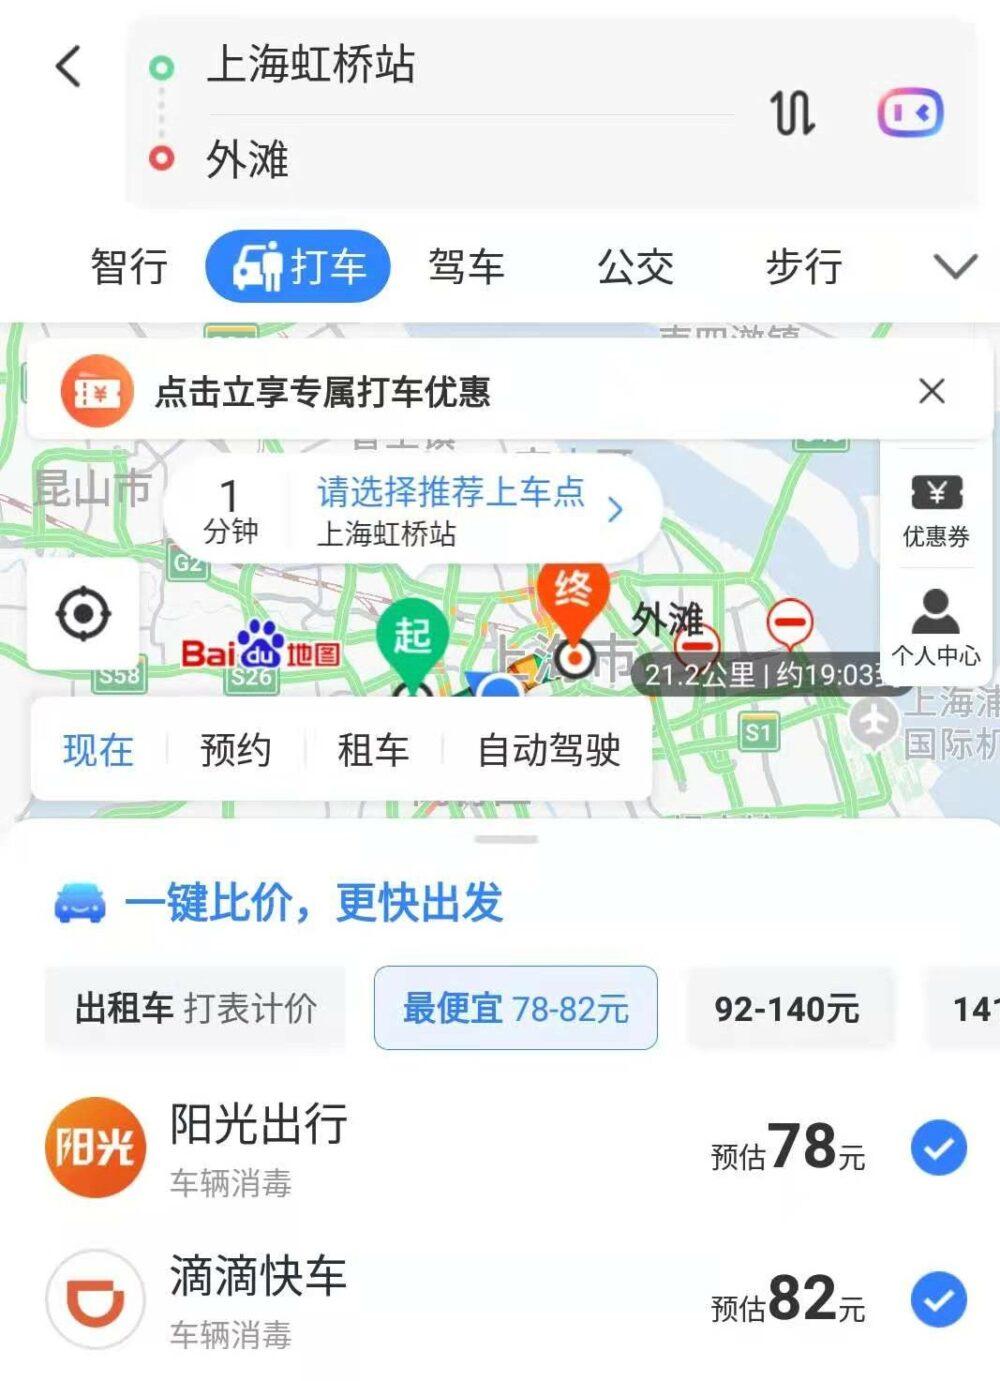 虹橋駅から南京東路駅までタクシーに乗った場合の料金の写真